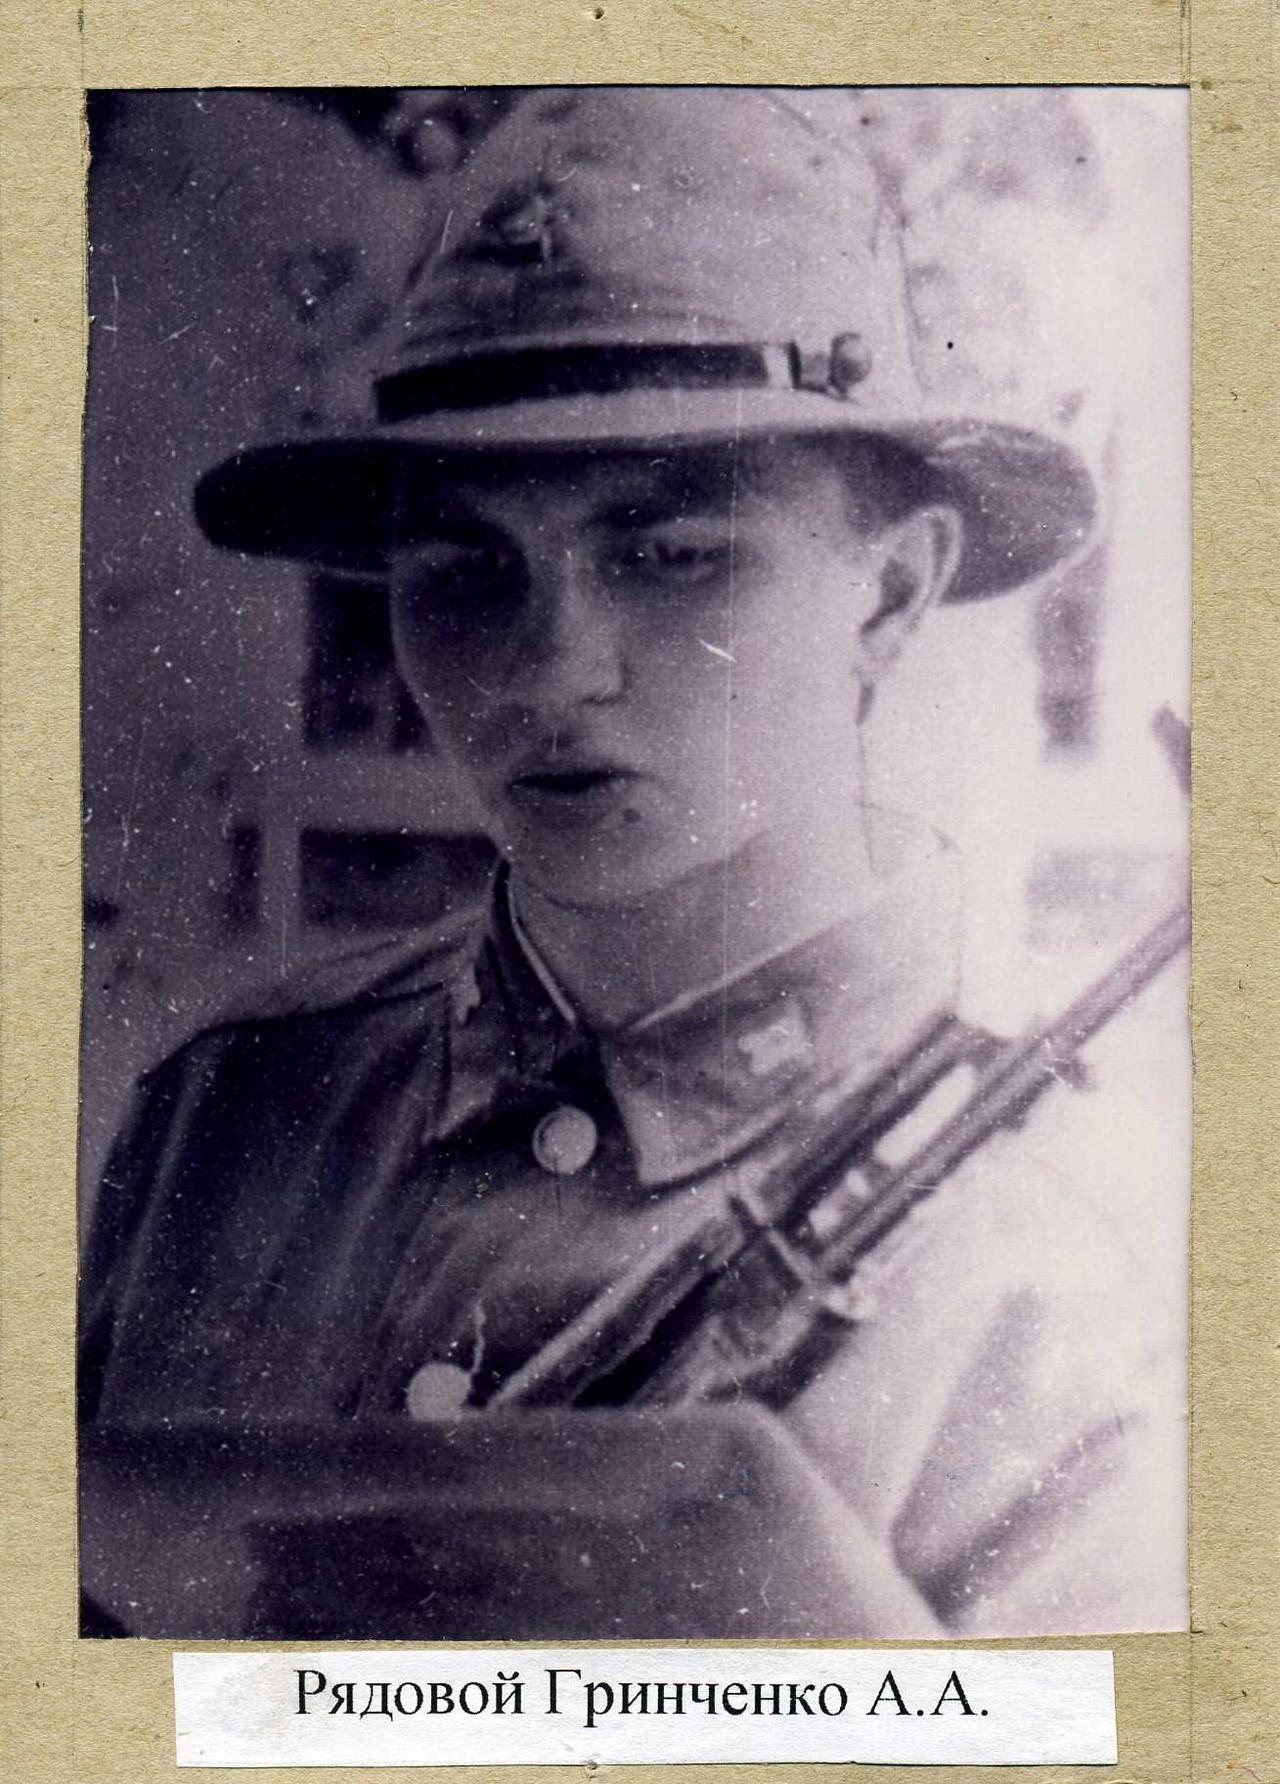 Гринченко Александр Александрович